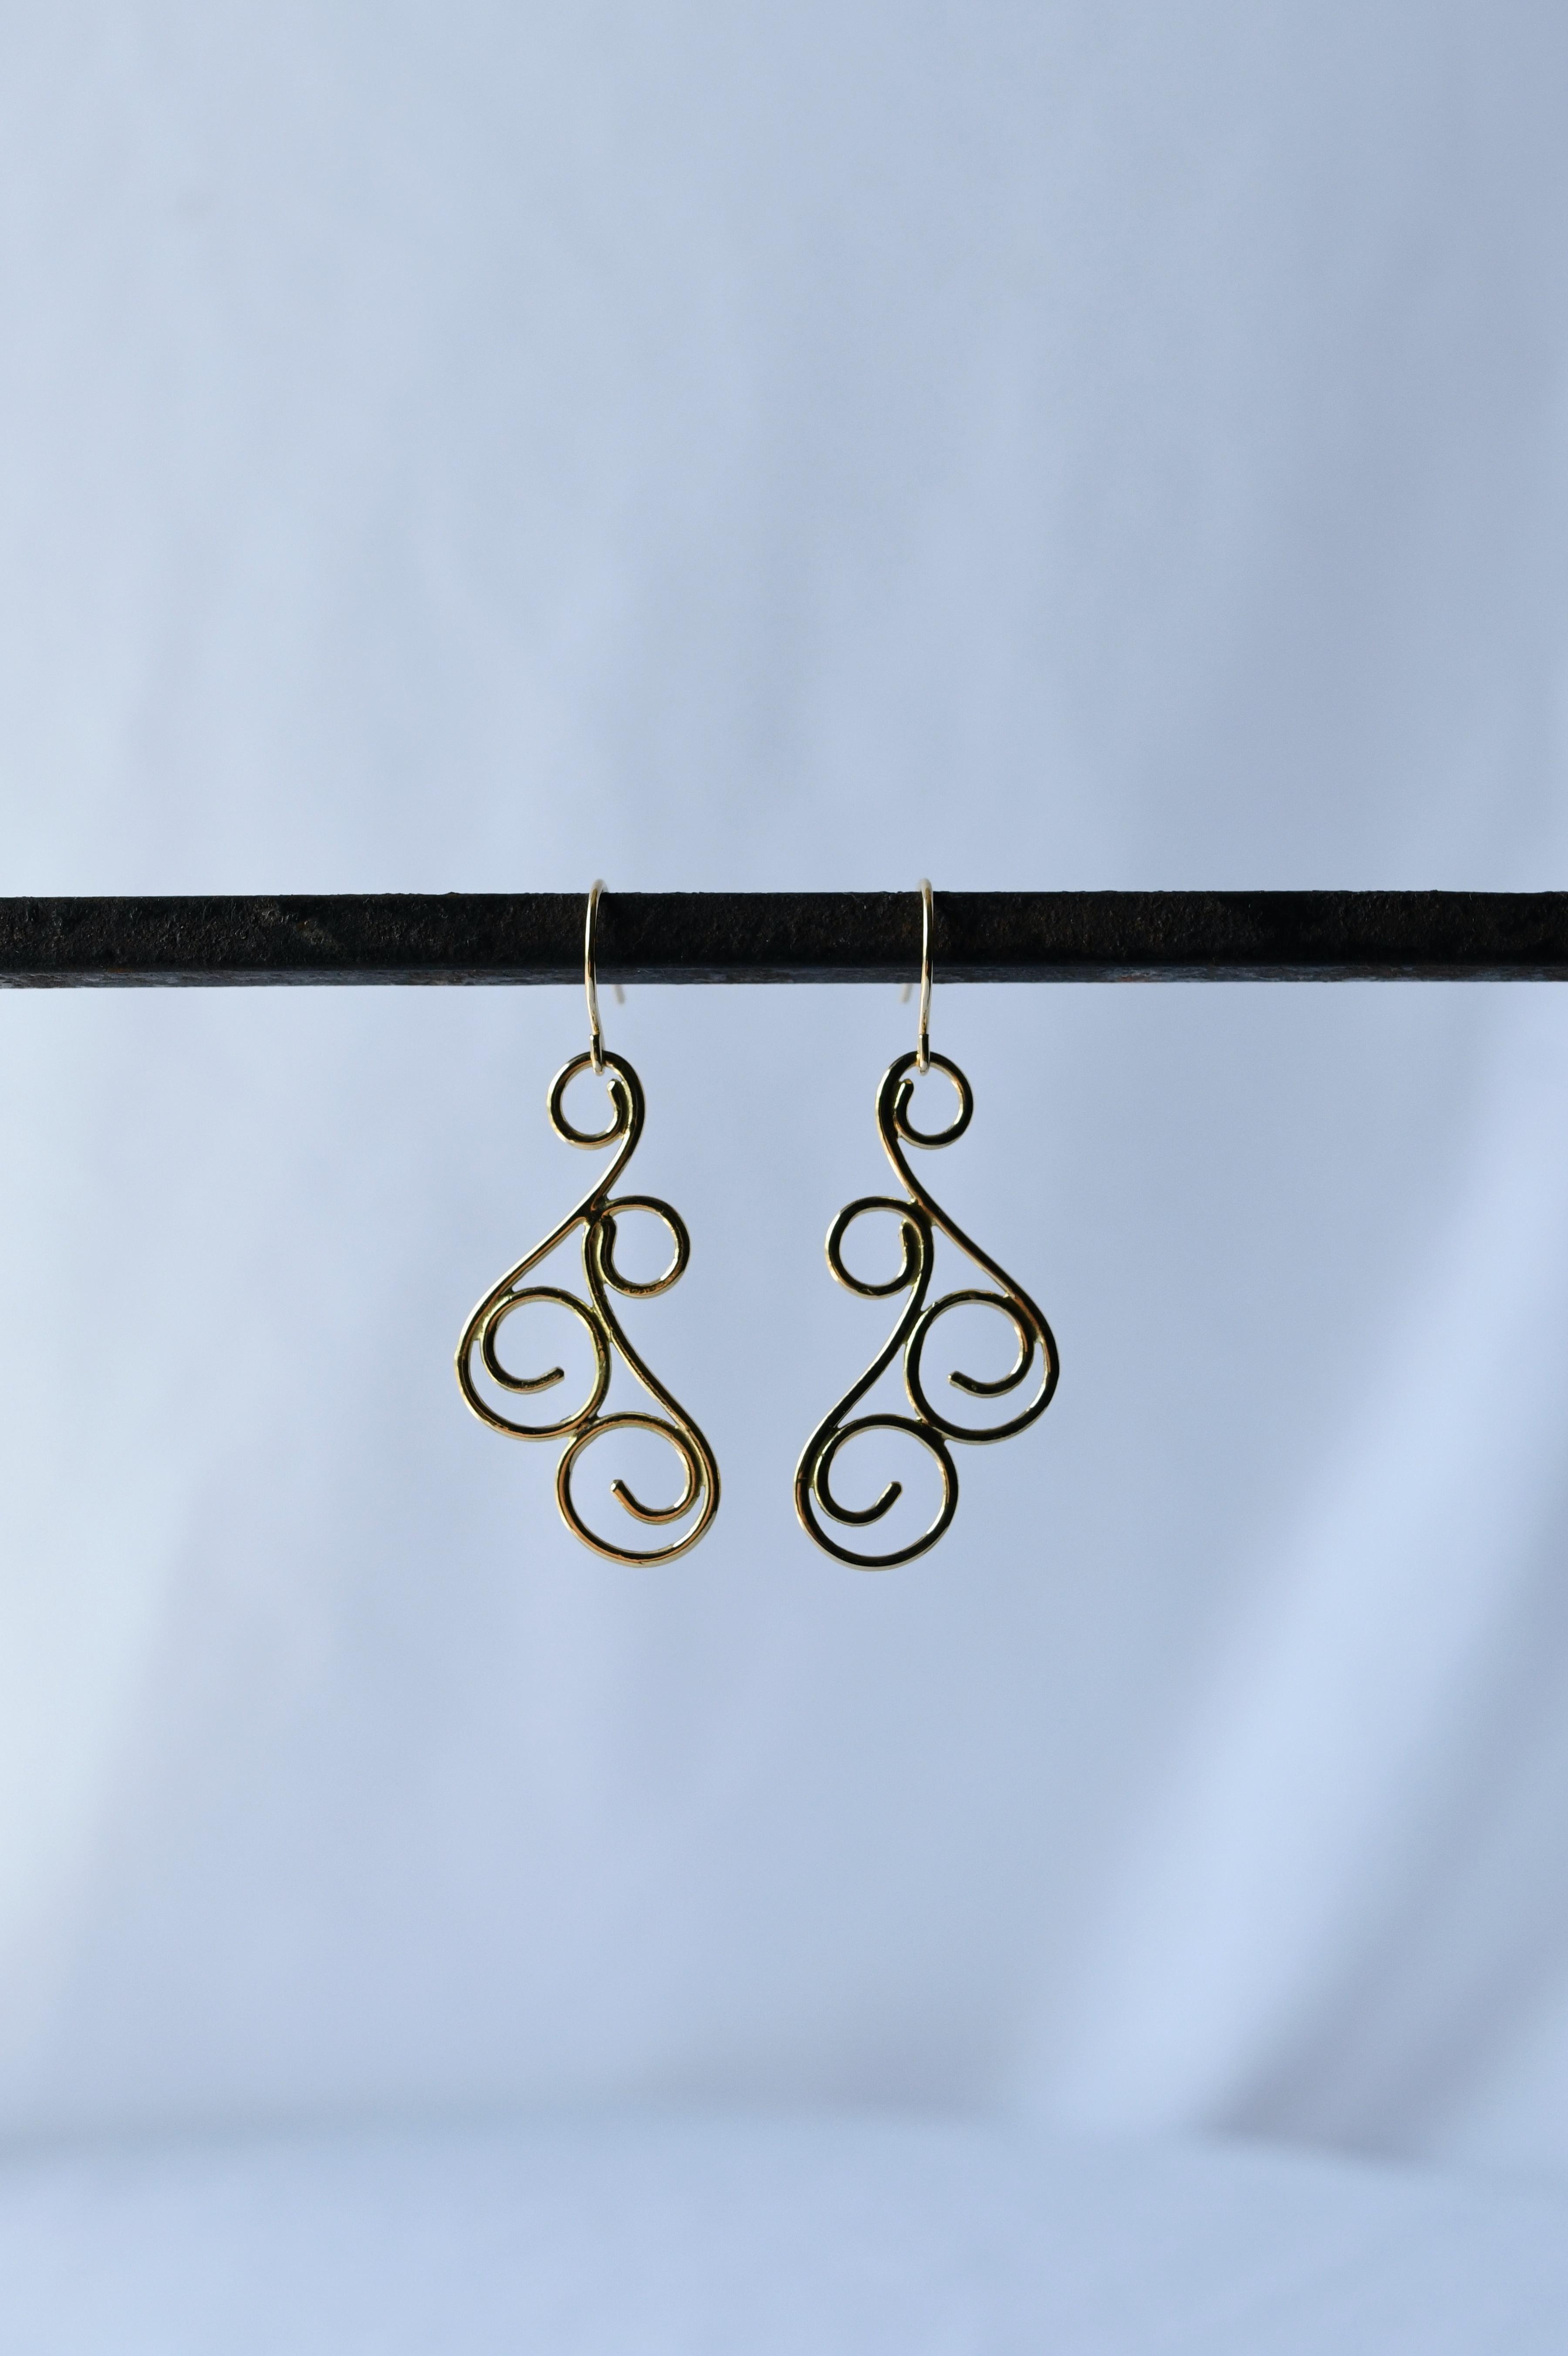 K18 Onpu Design Earrings  18金音符デザインピアス(イヤリング)